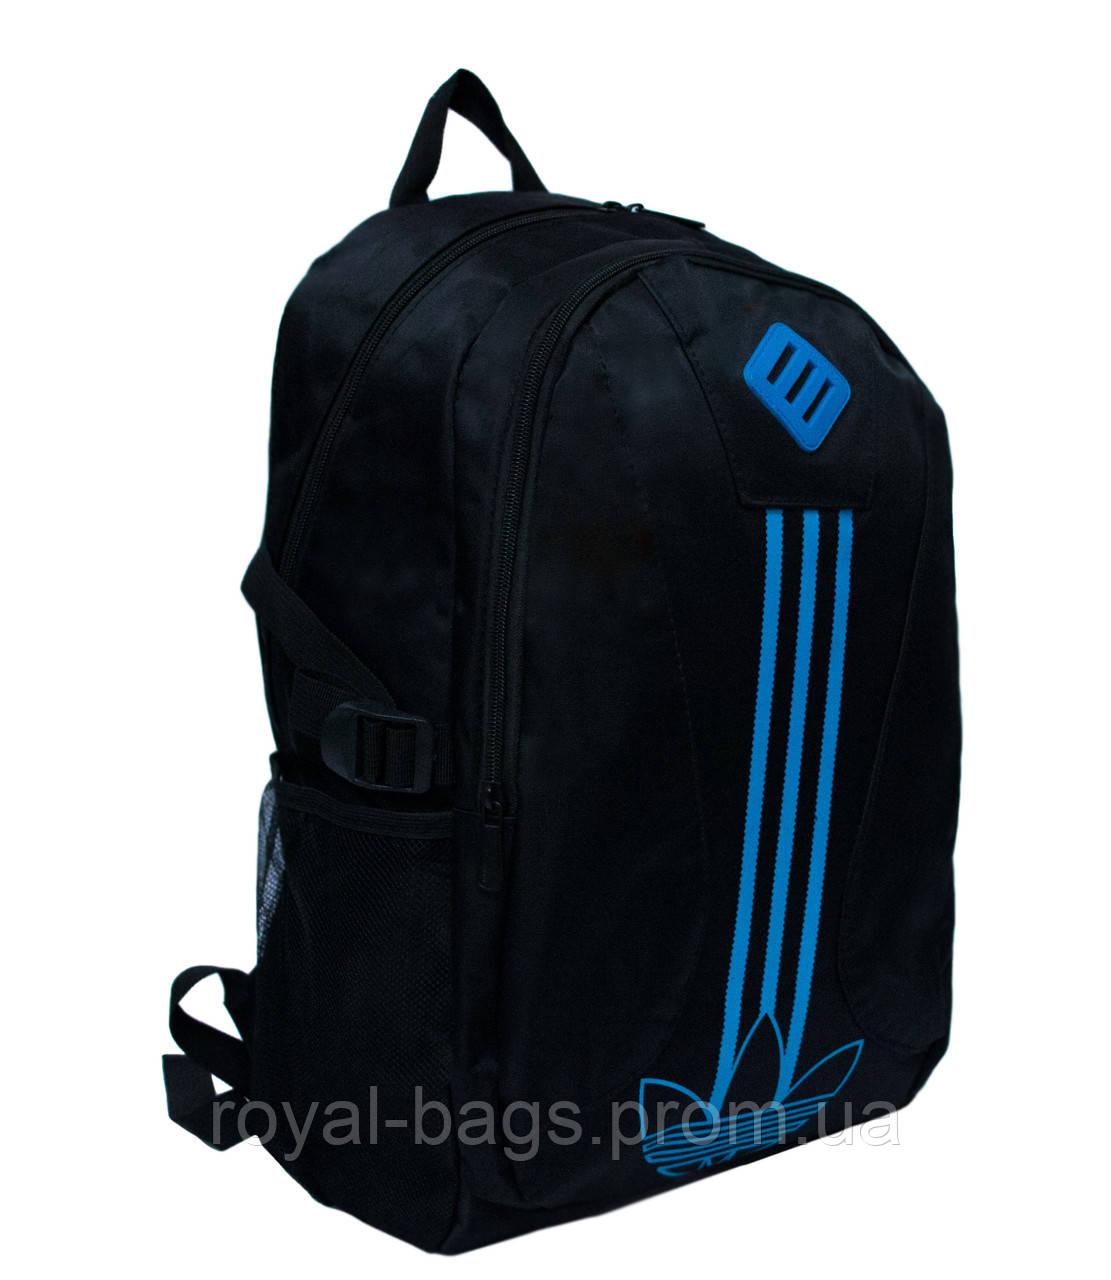 Пошив рюкзаков с логотипом адидас рюкзаки эверласт